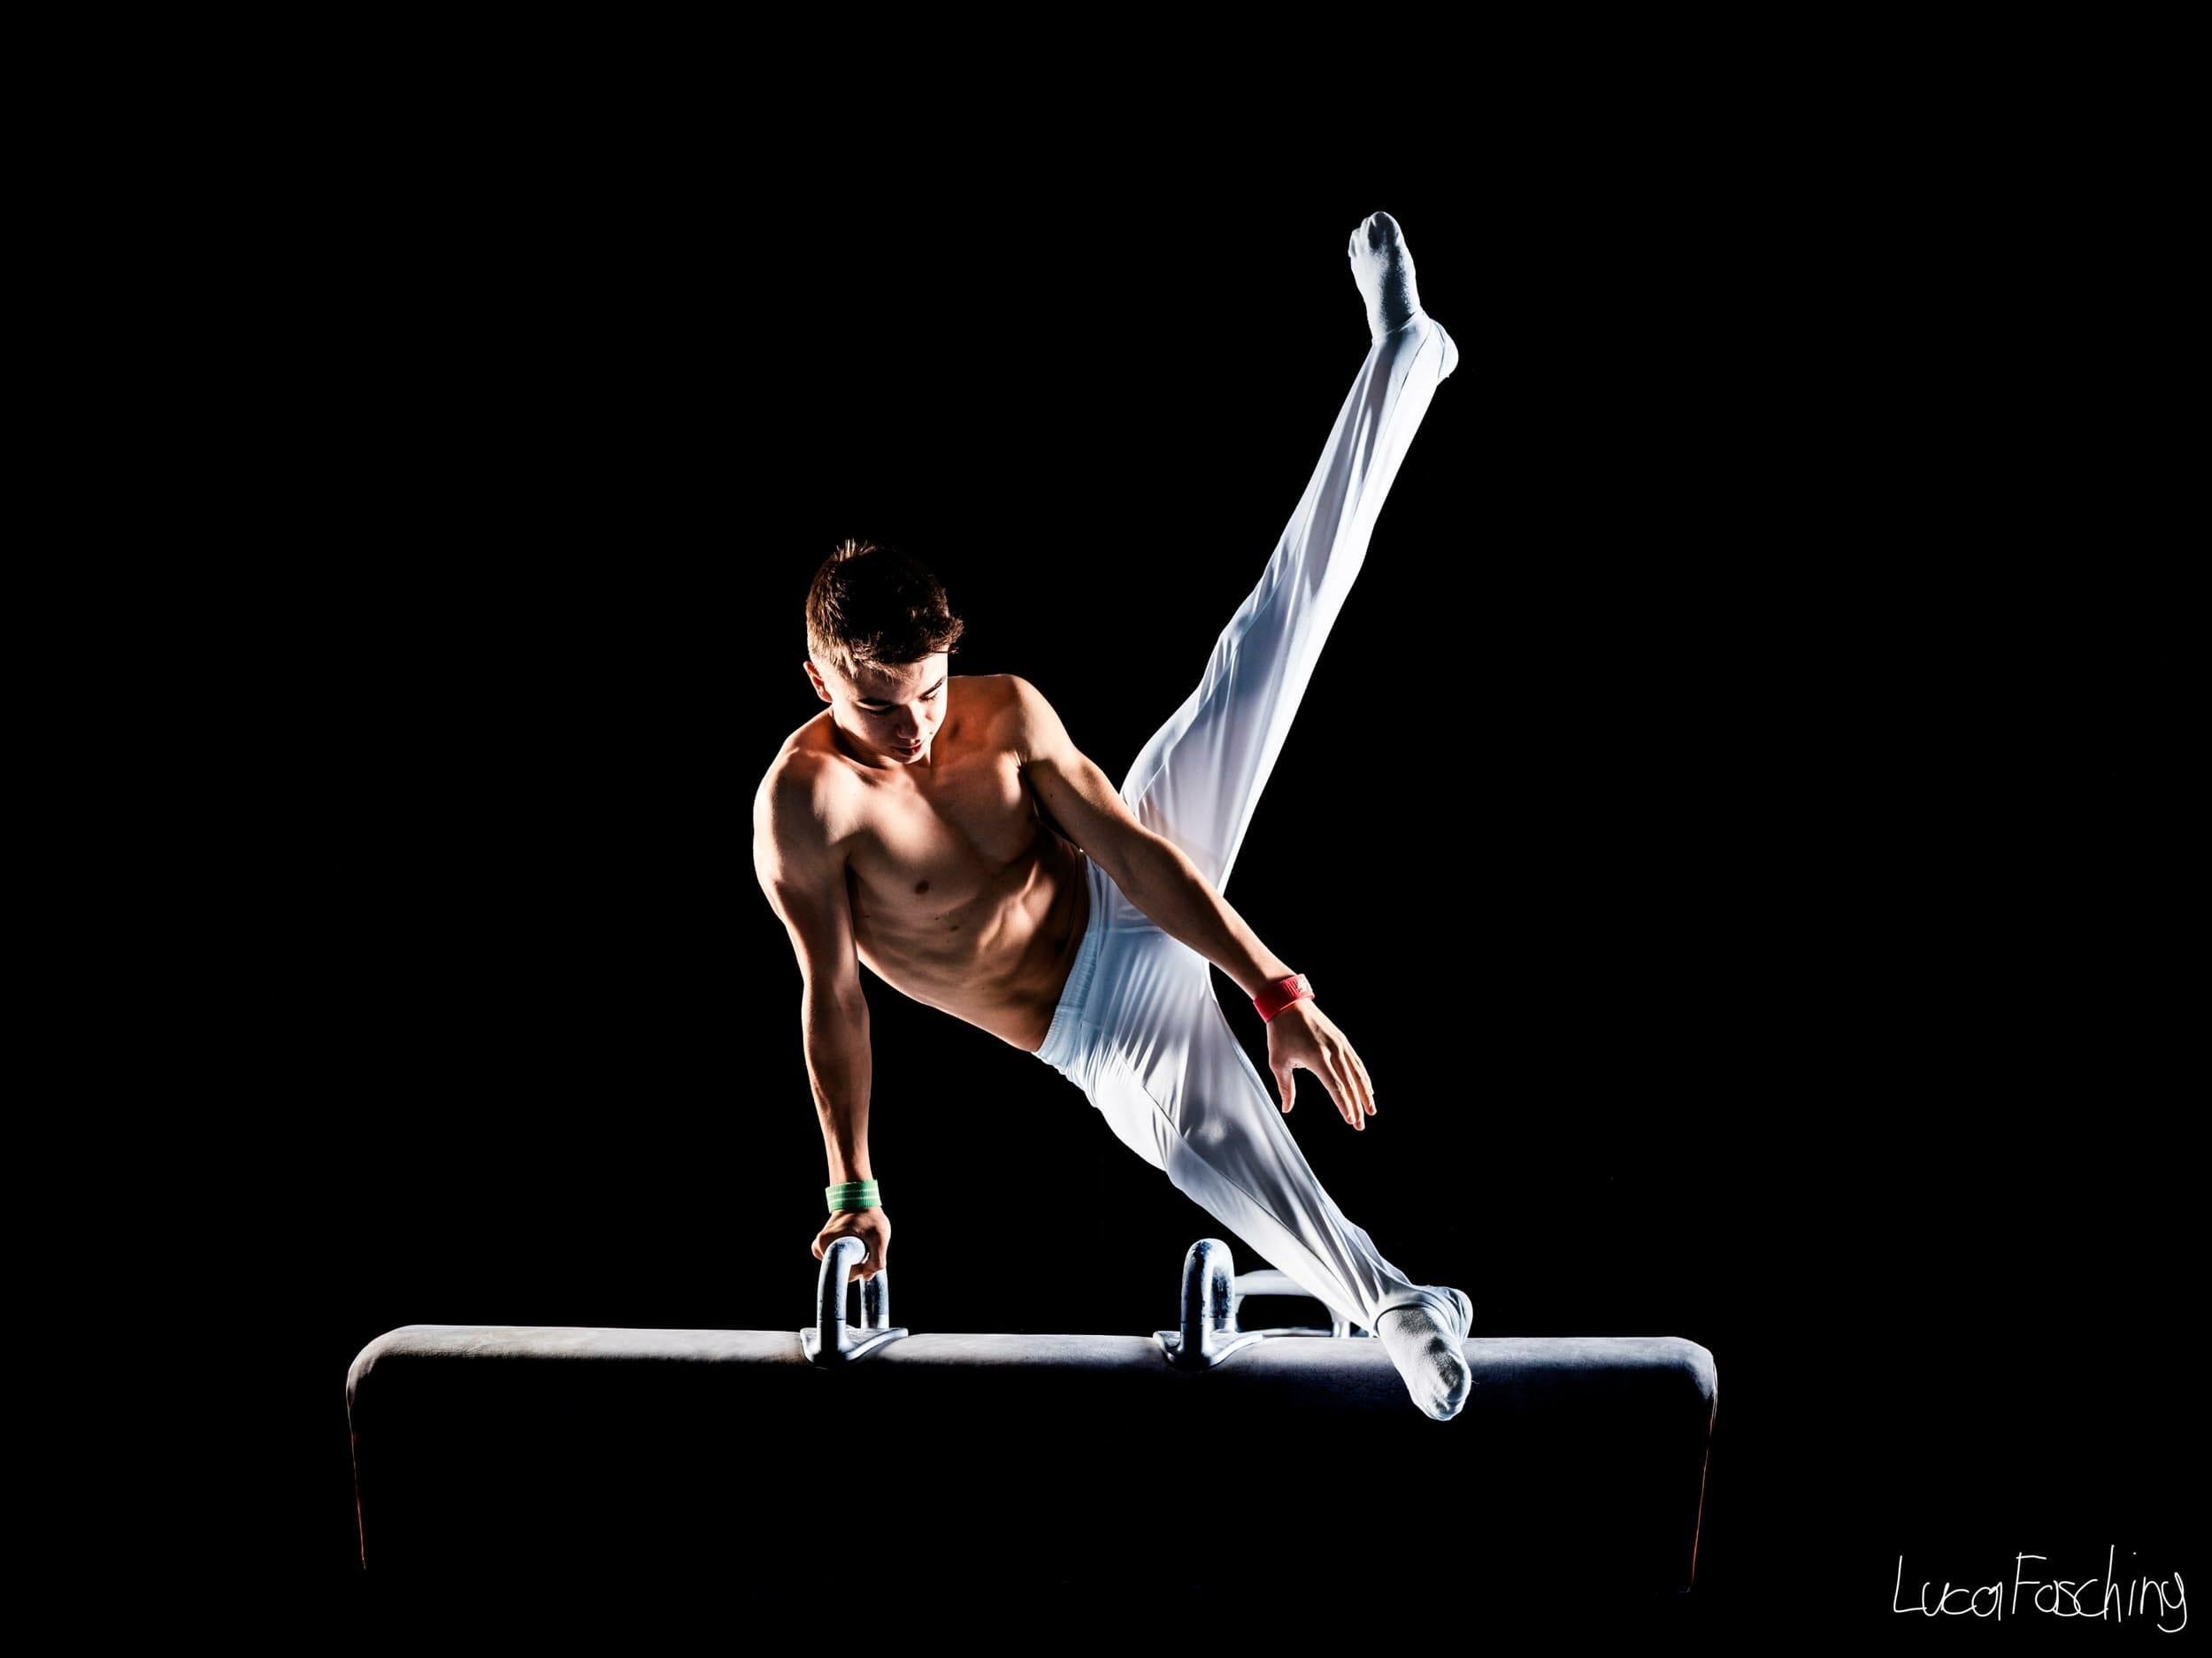 Sportfotografie von Luca Fasching